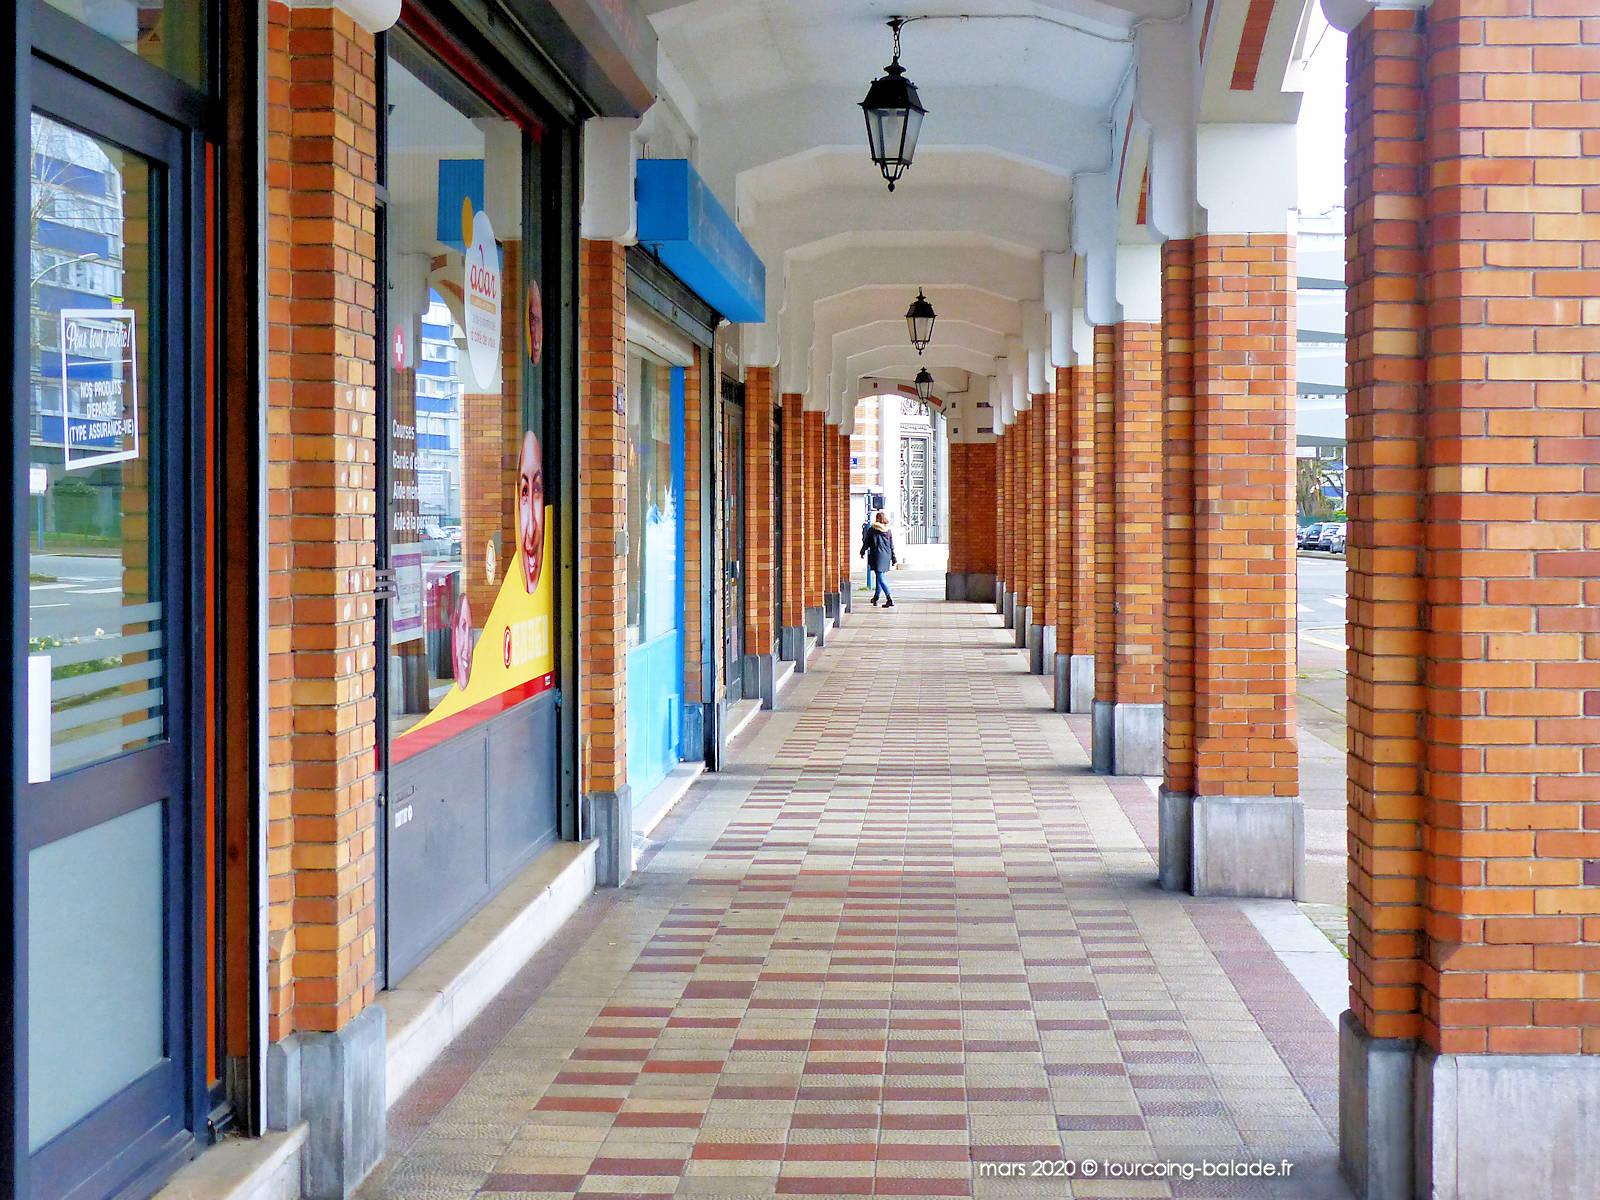 Arcades Tourcoing - CARAC Assurances Épargne